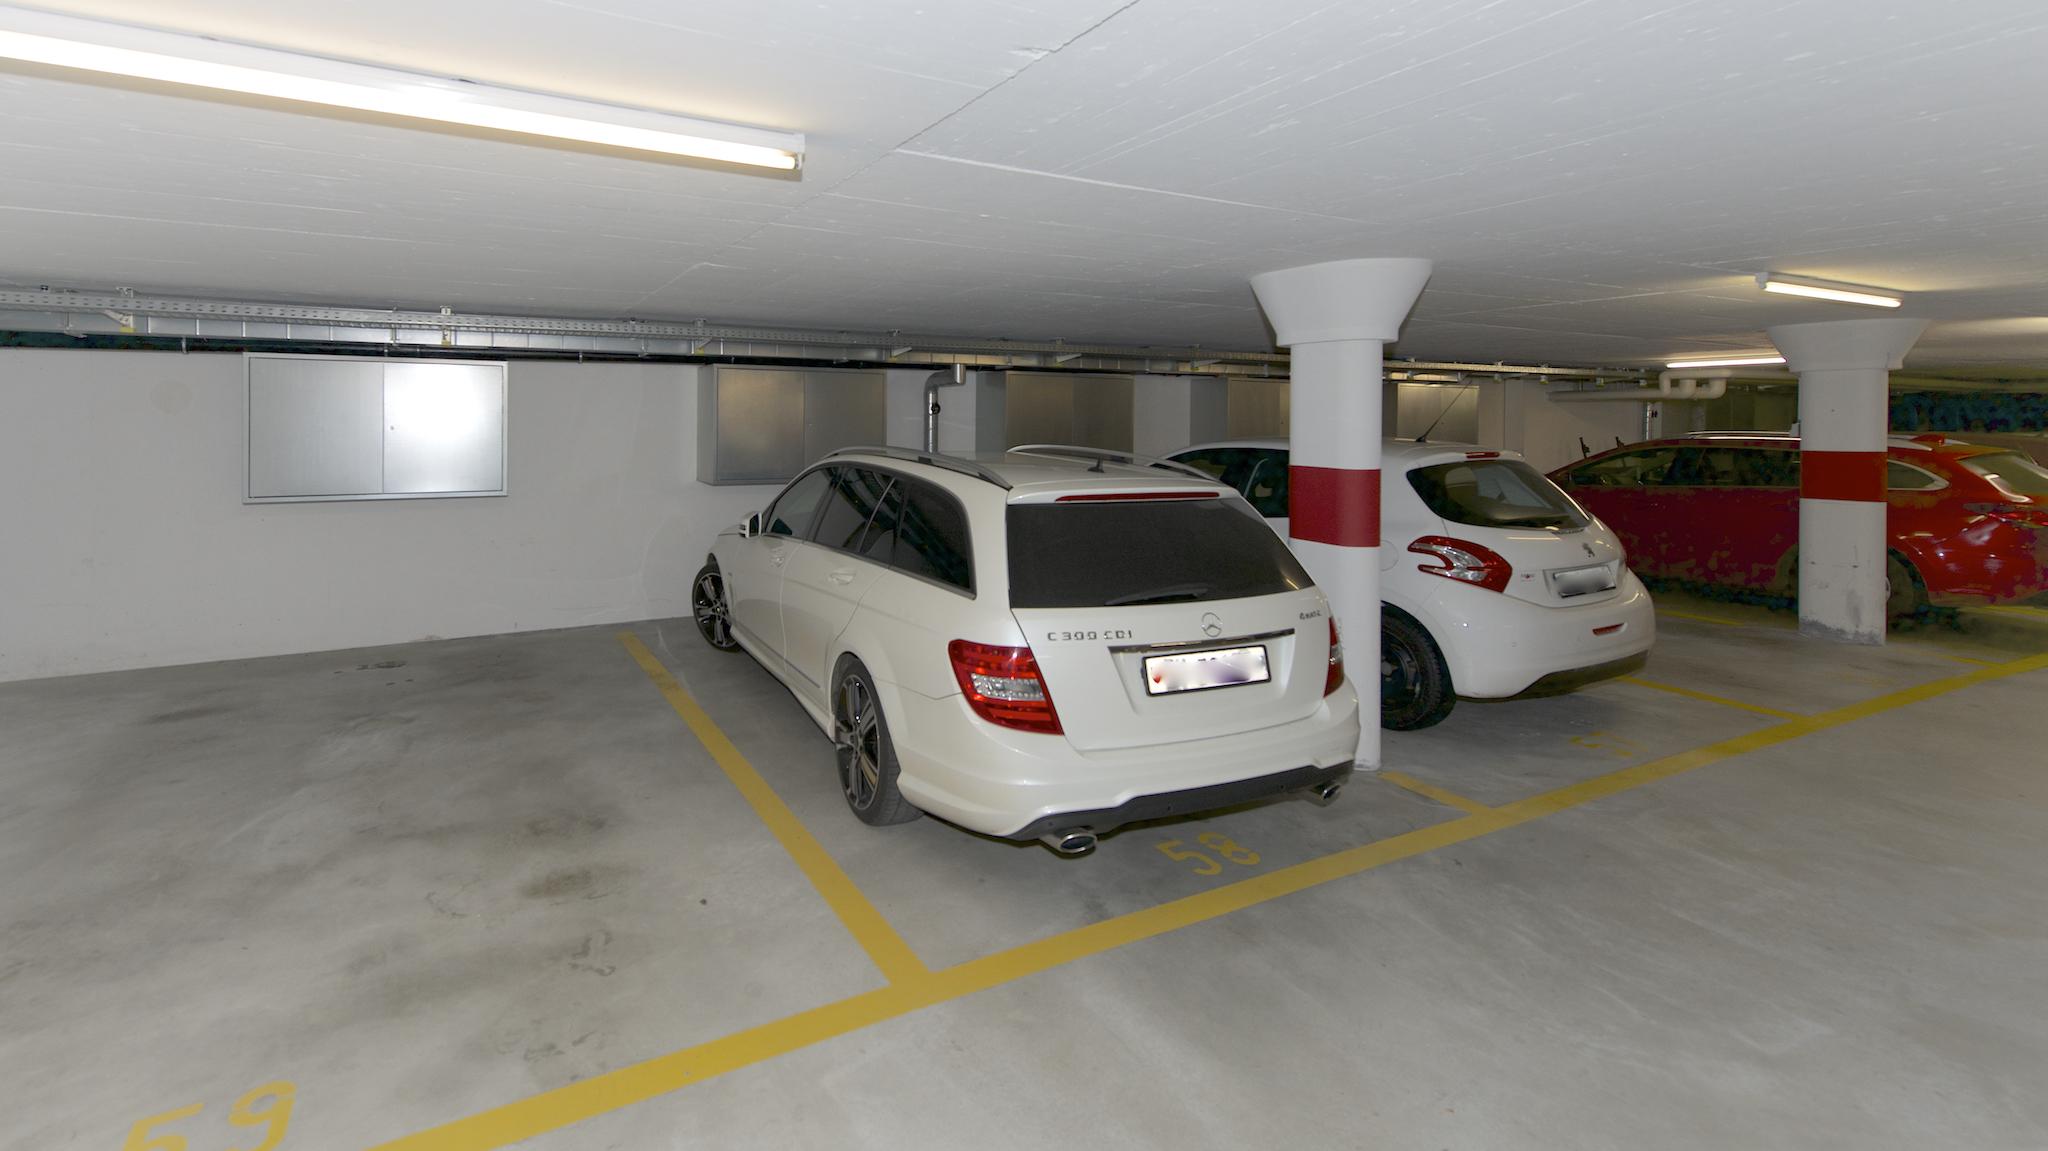 Garagenplatz (ohne Auto😉)